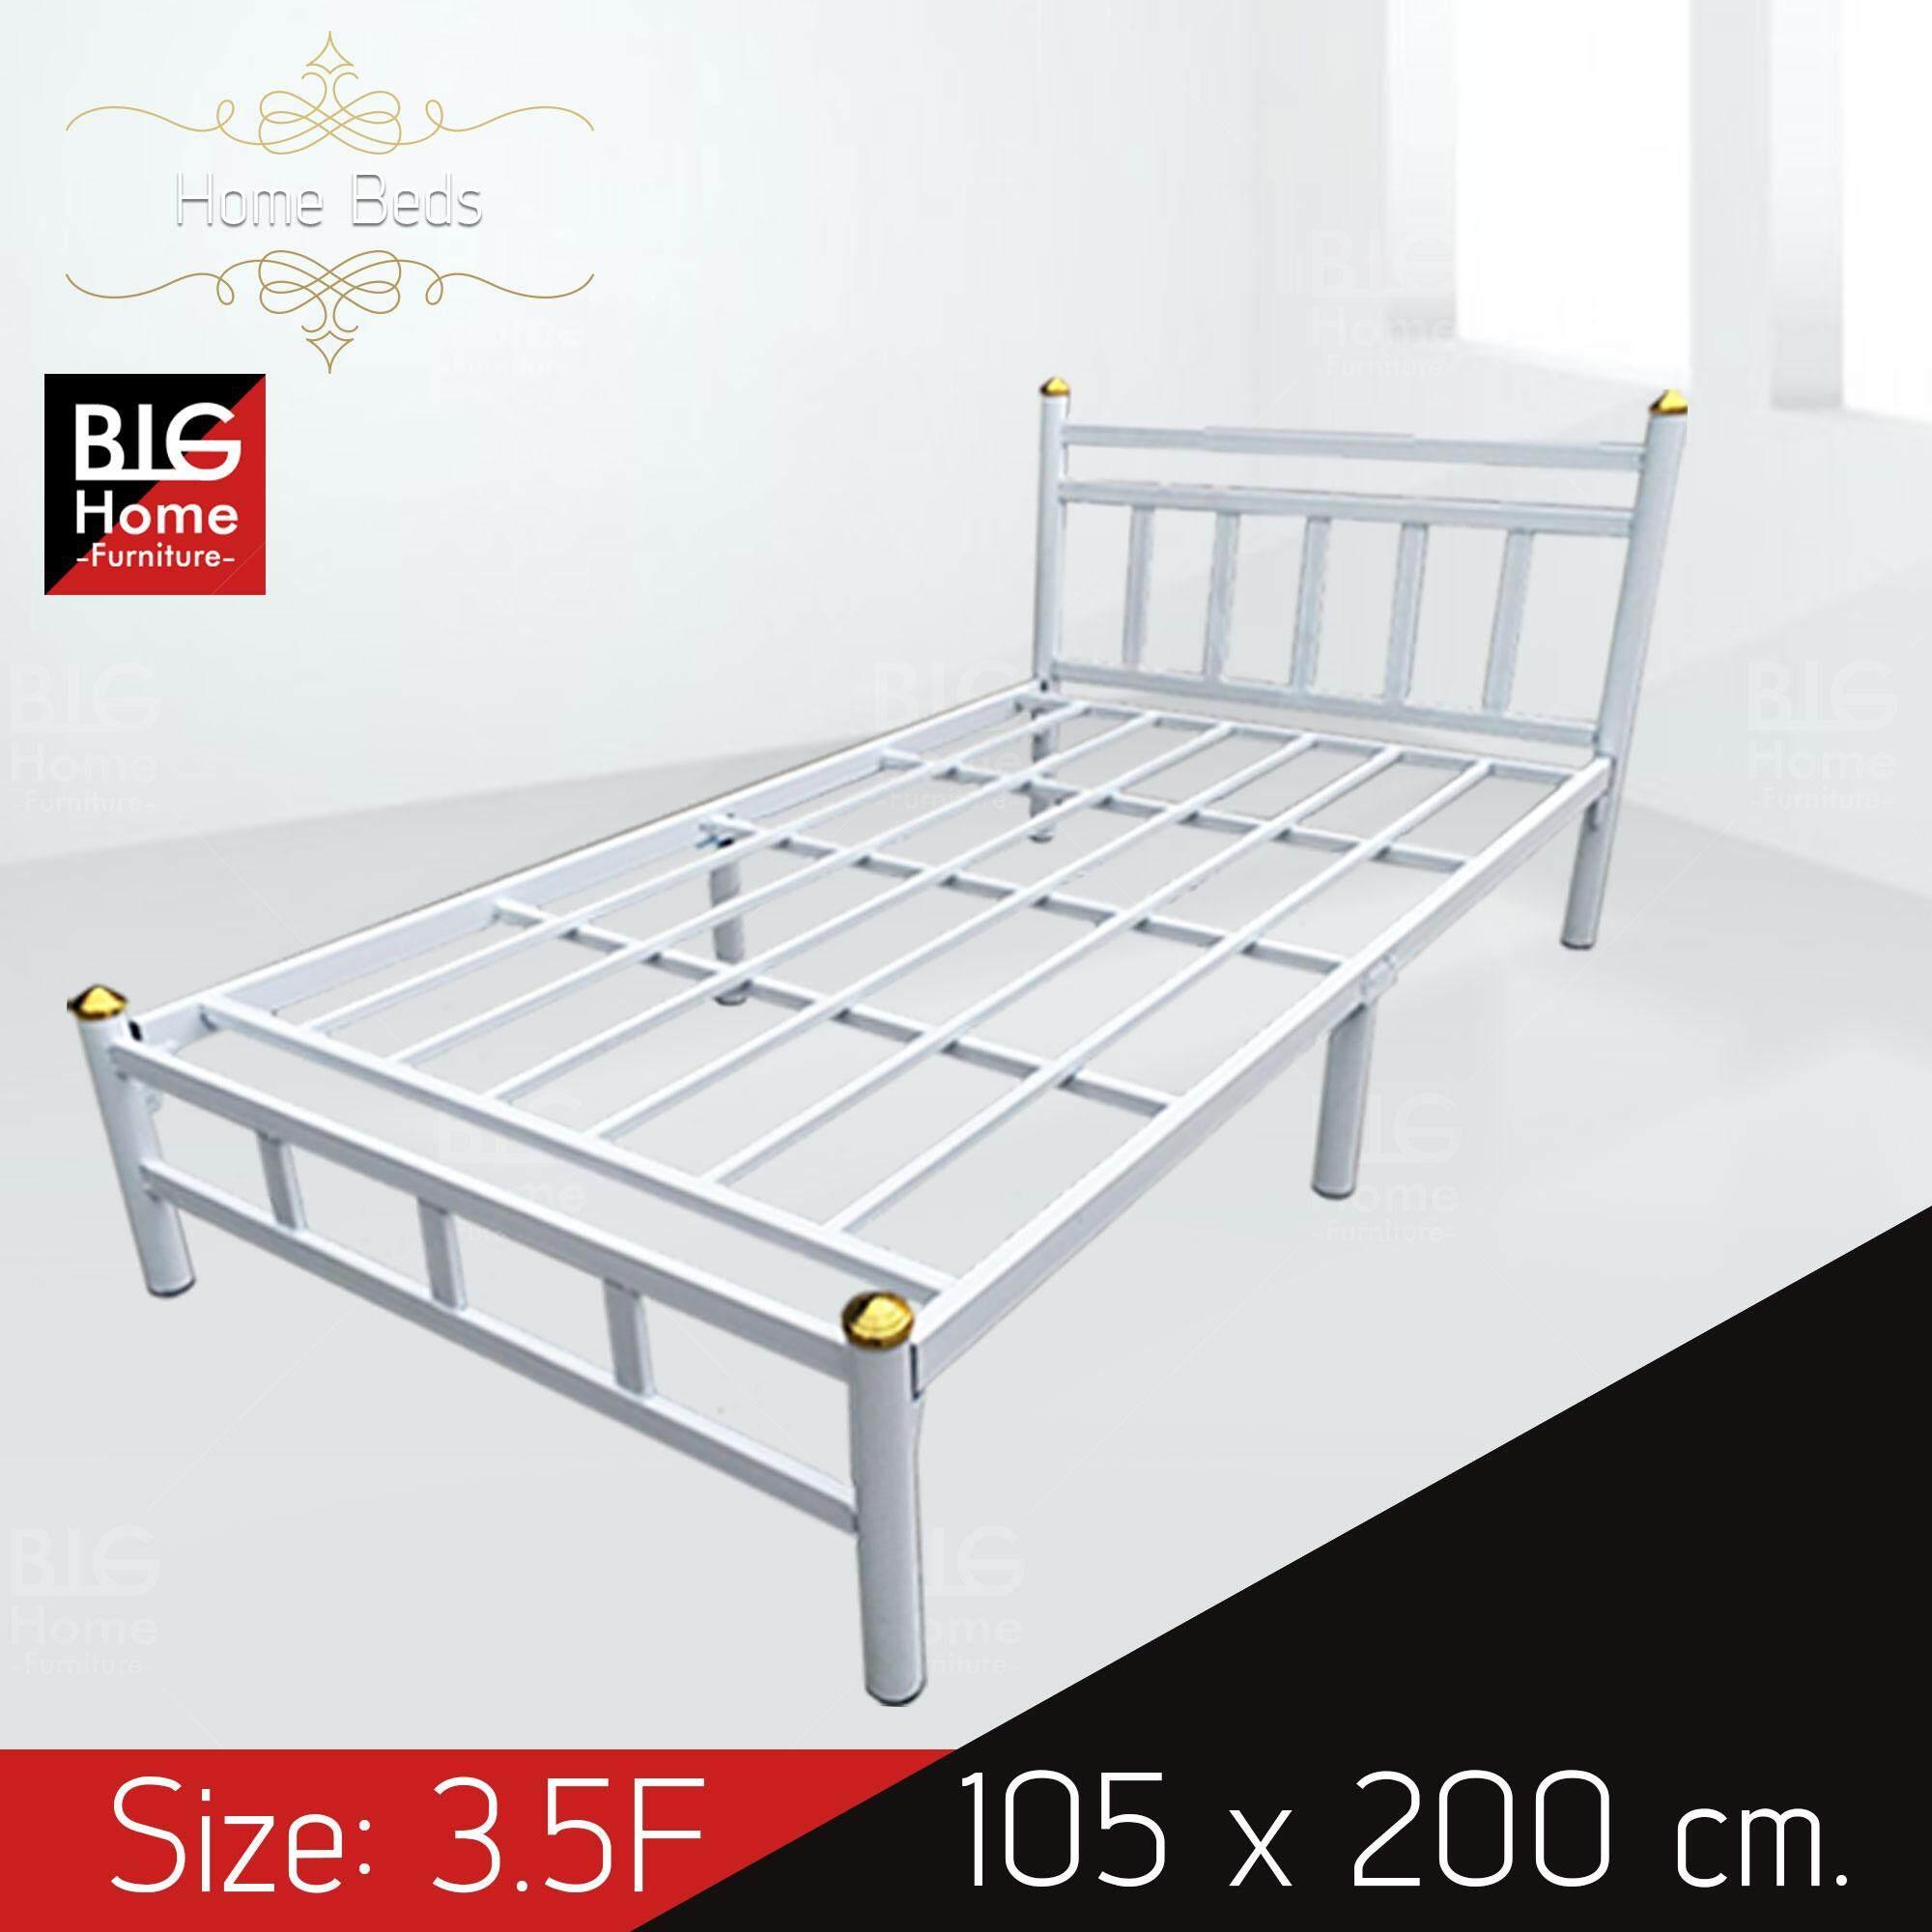 ฺbh เตียงเหล็กอย่างดี ขนาด 3.5ฟุต รุ่น หัวตรง .